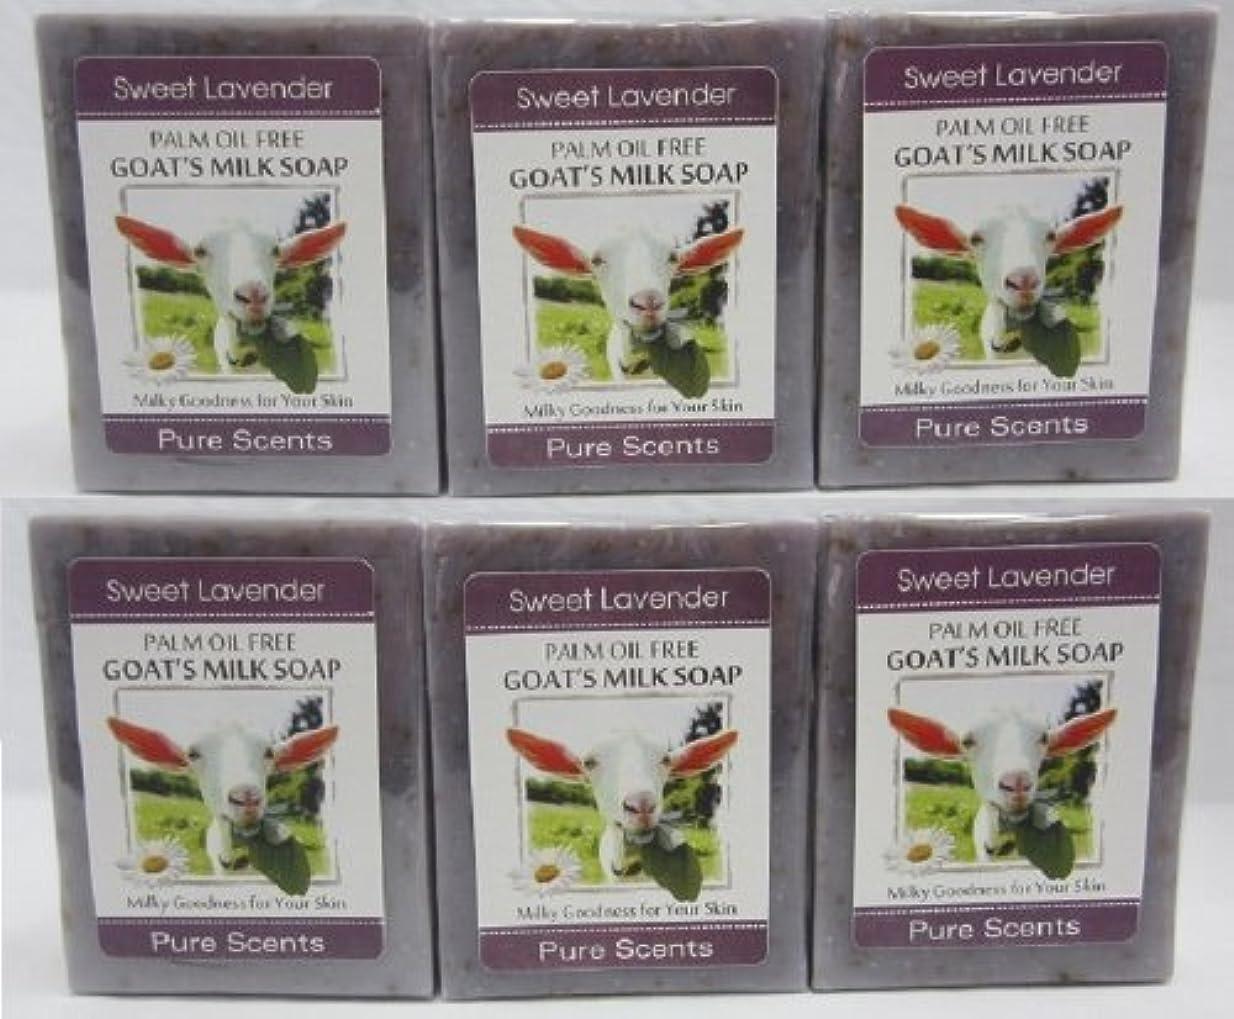 硬化する下向き被害者【Pure Scents】Goat's Milk Soap ヤギのミルクせっけん 6個セット Sweet Lavender スイートラベンダー